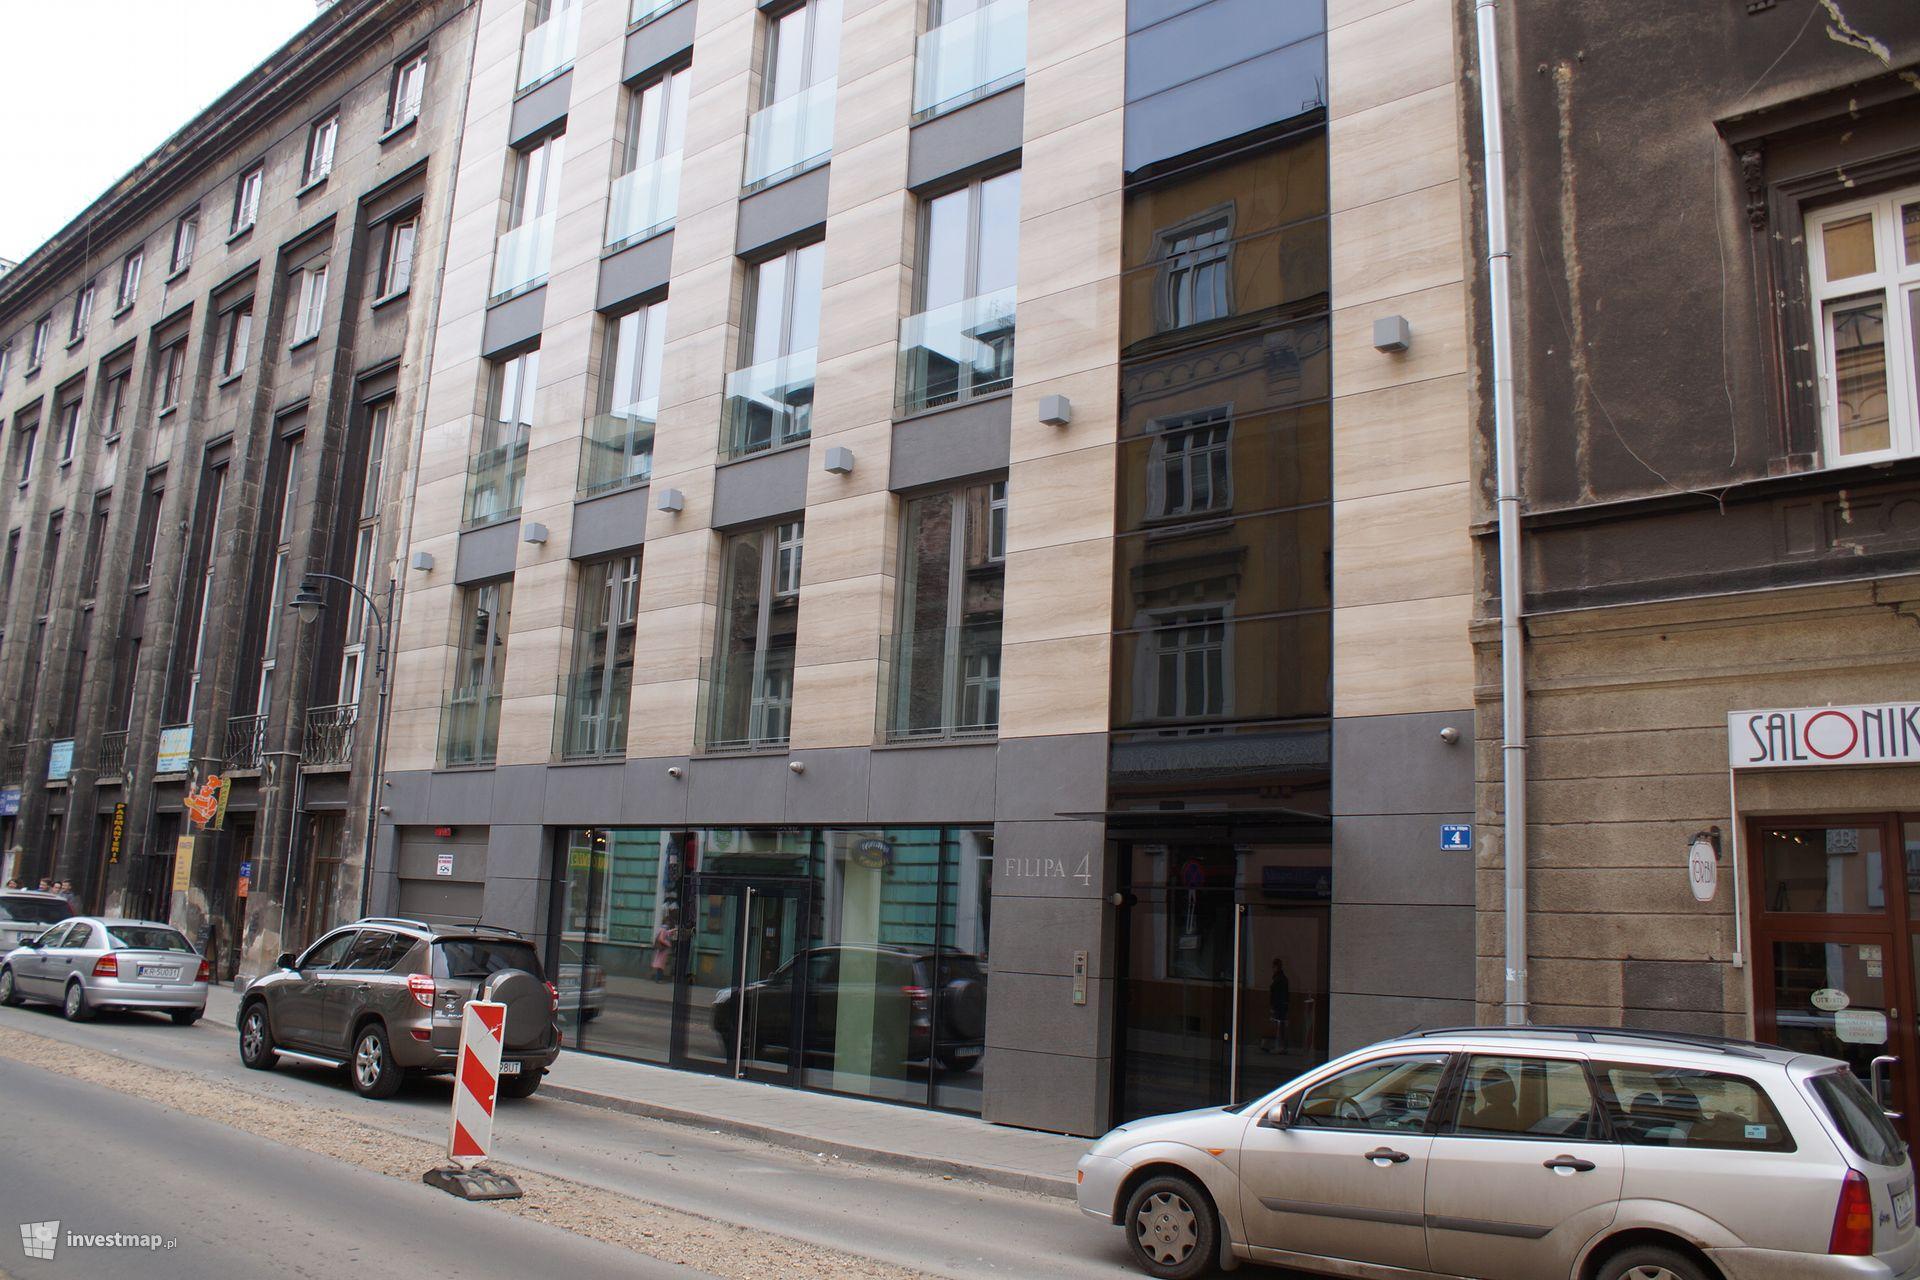 Budynek Biurowo - Usługowo - Mieszkalny, ul. Św. Filipa 4